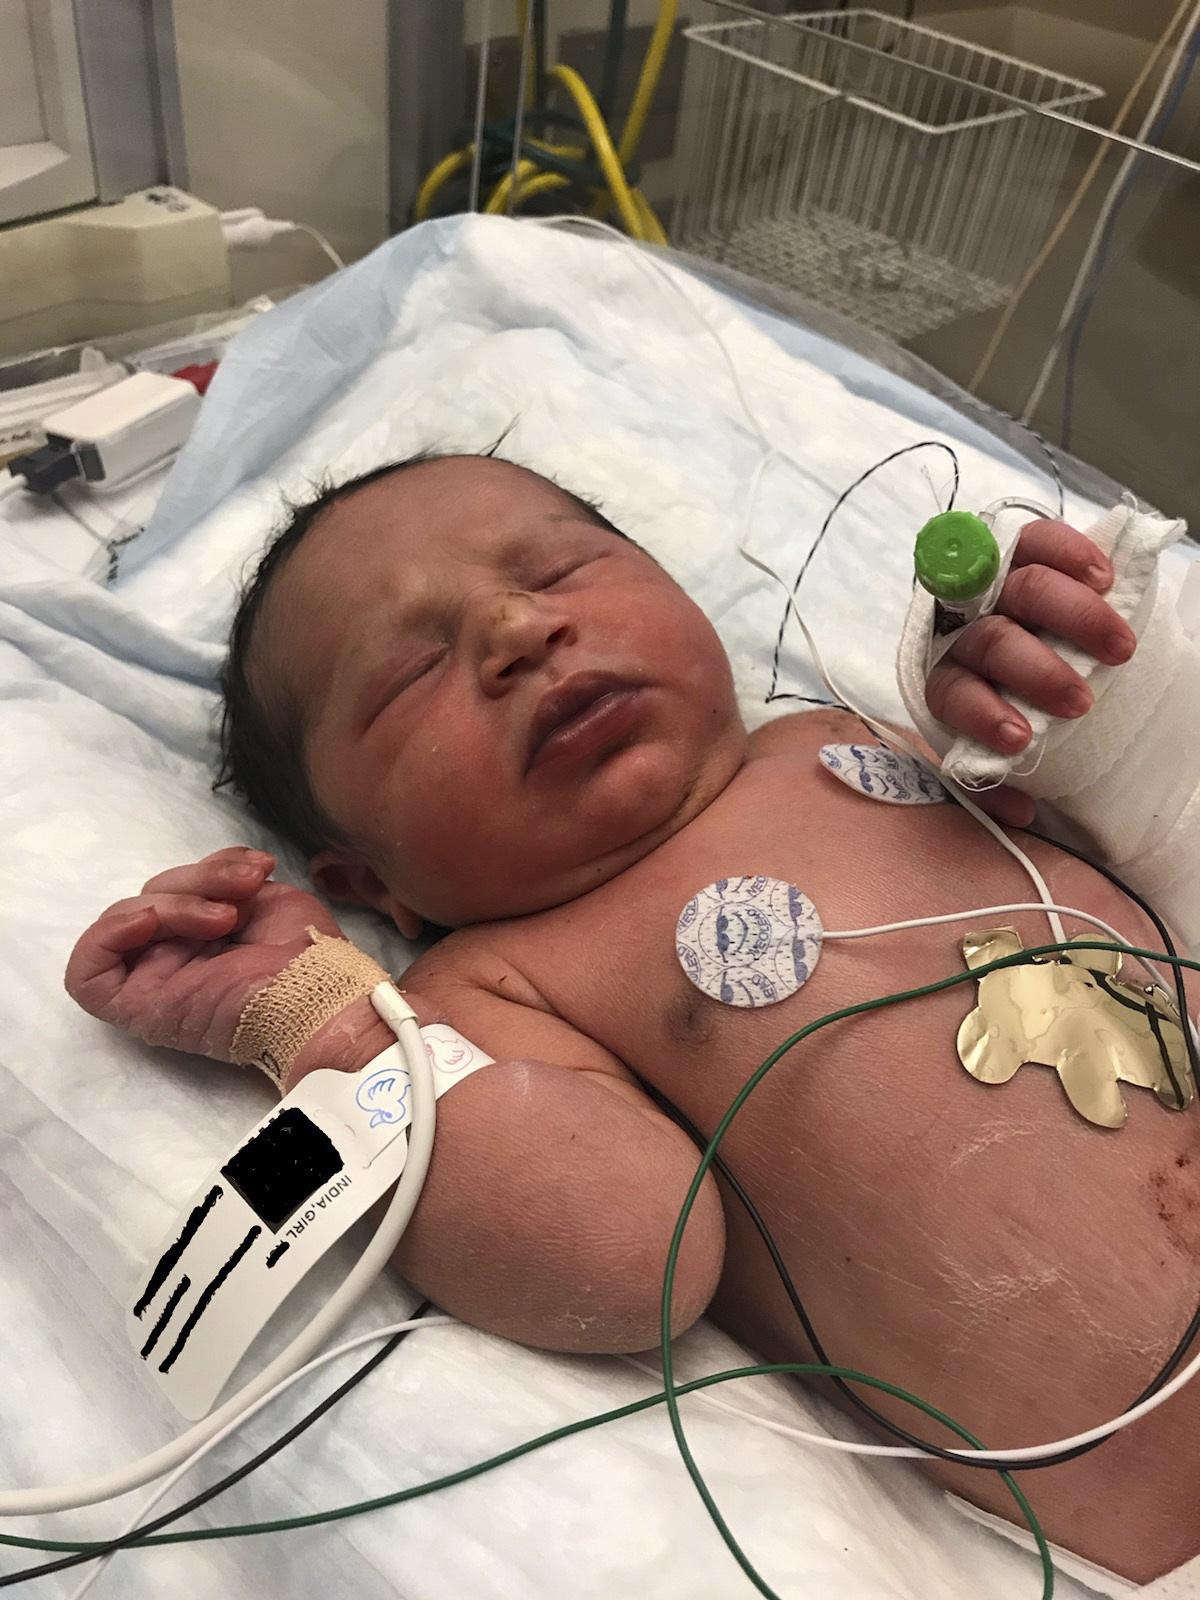 Newborn Found Alive Woods_1559945679897